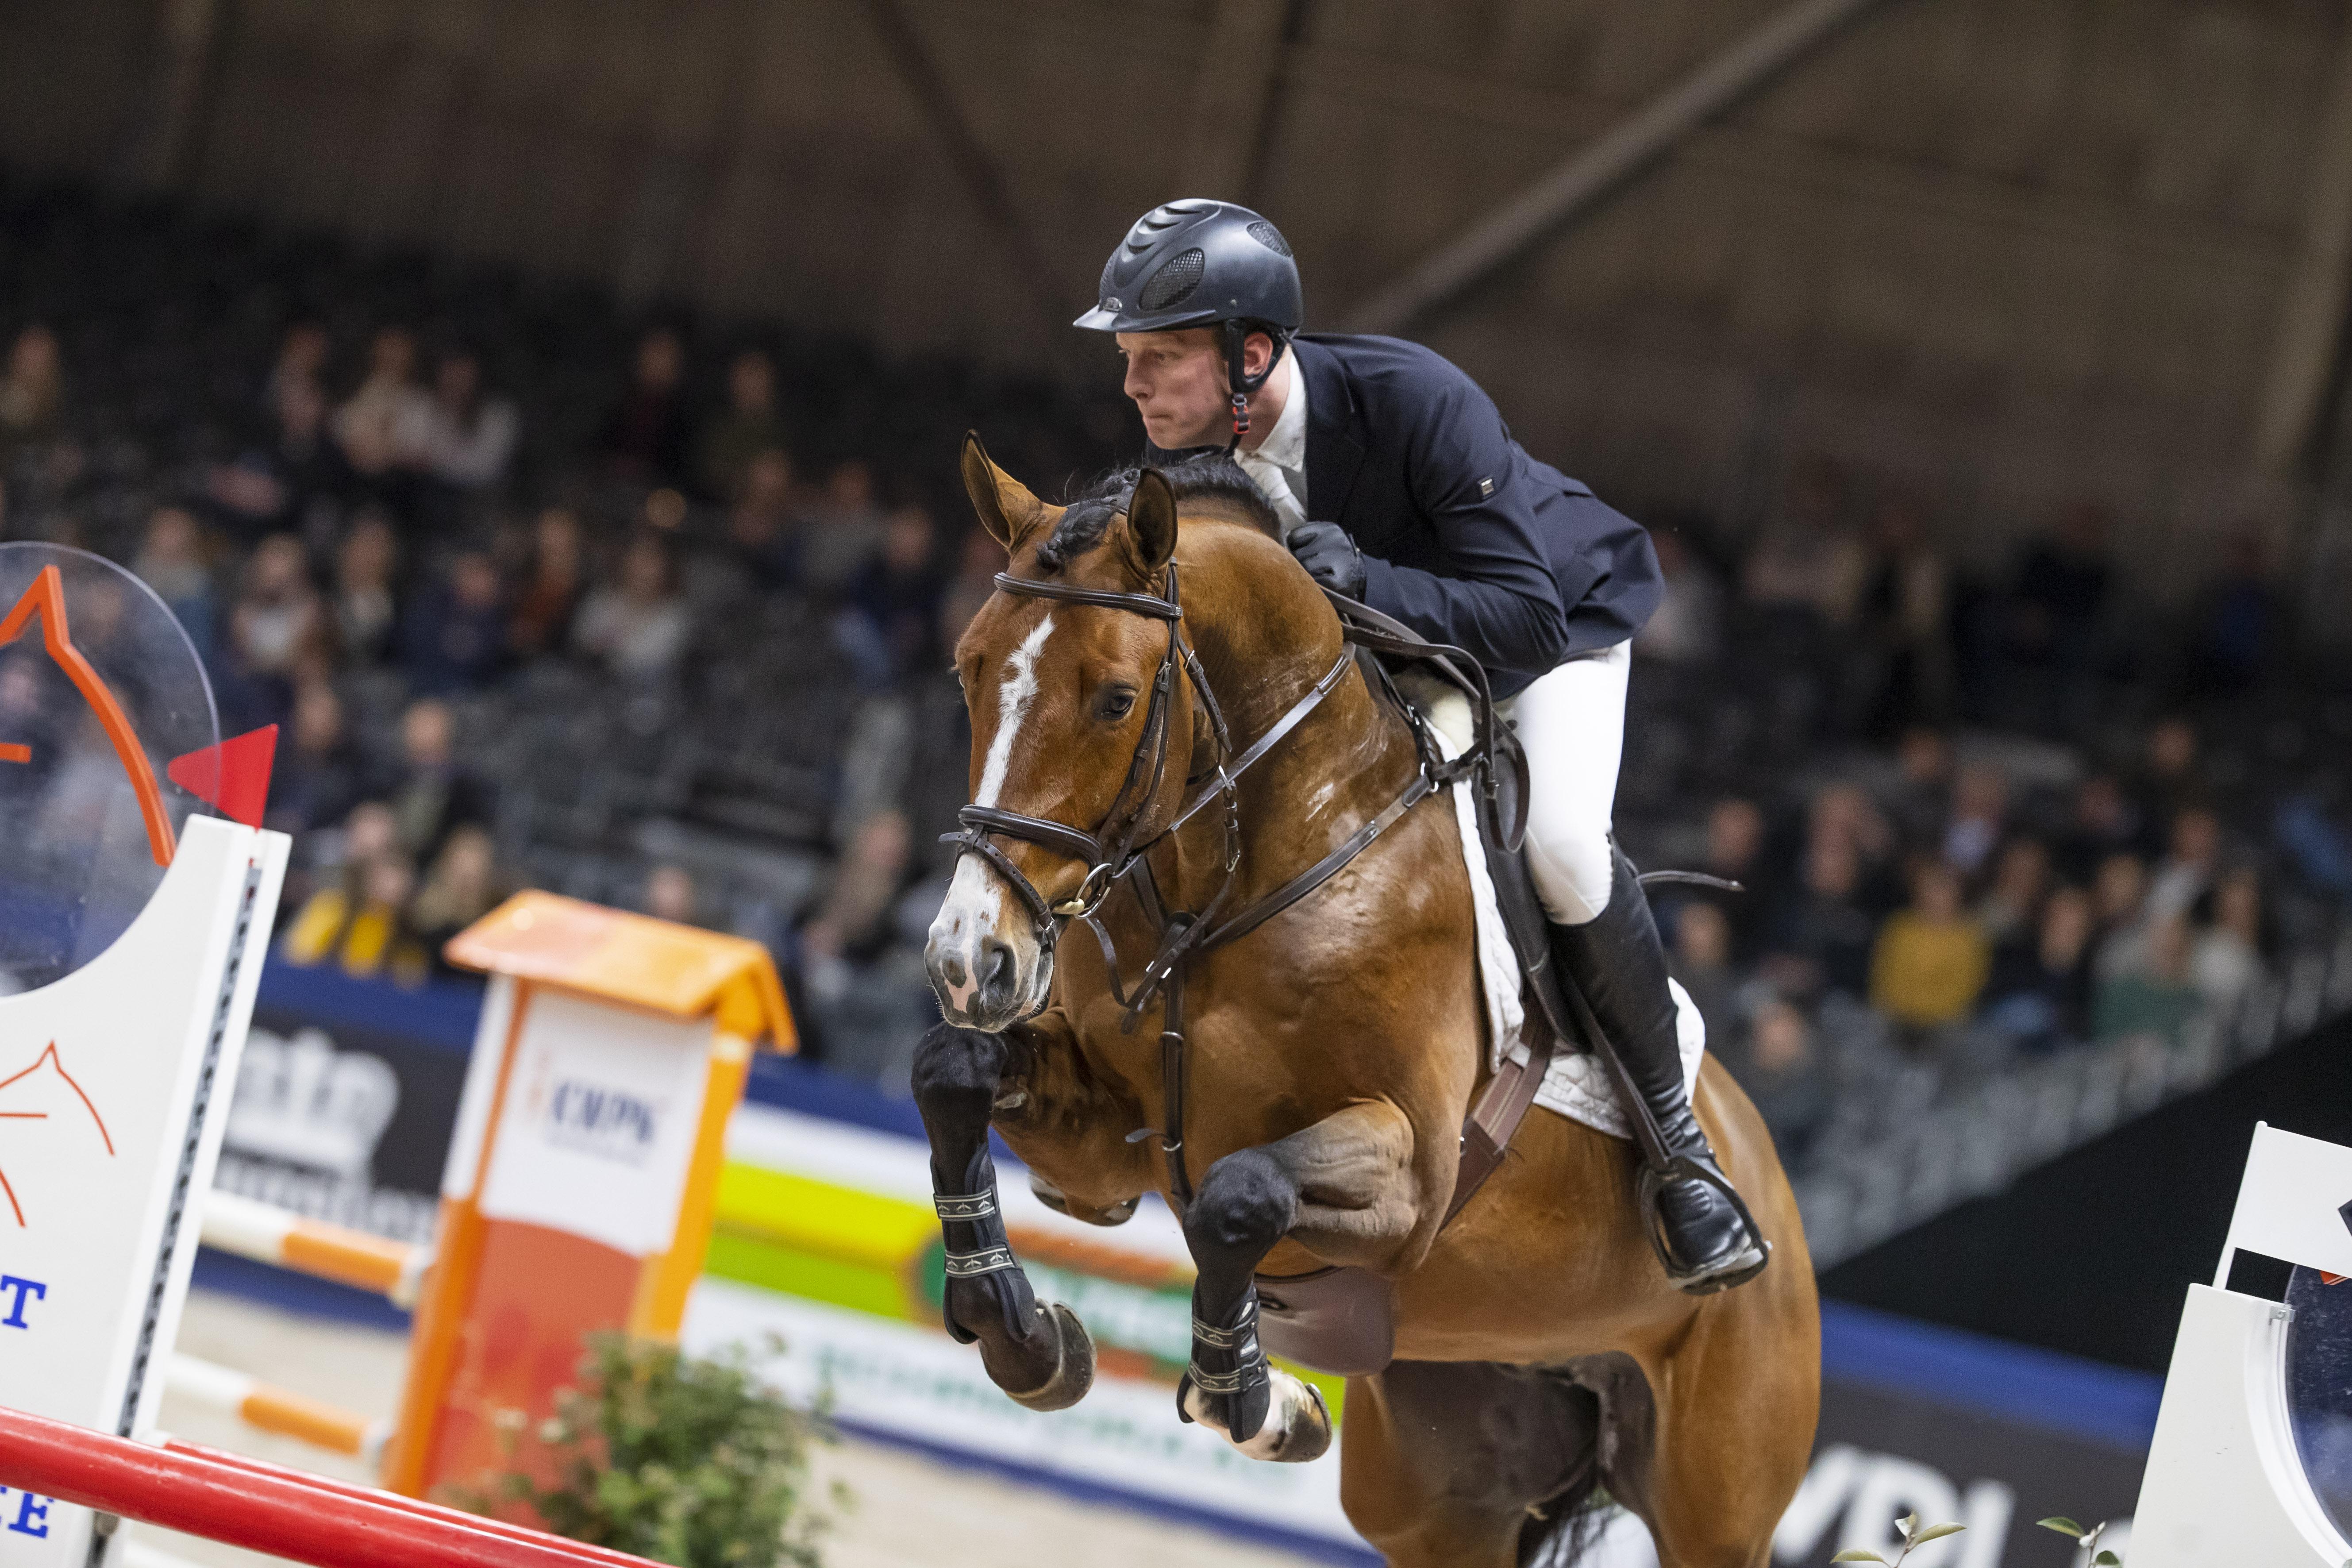 Springen Klasse L - Hengstenkeuring KWPN, 's Hertogenbosch 2019